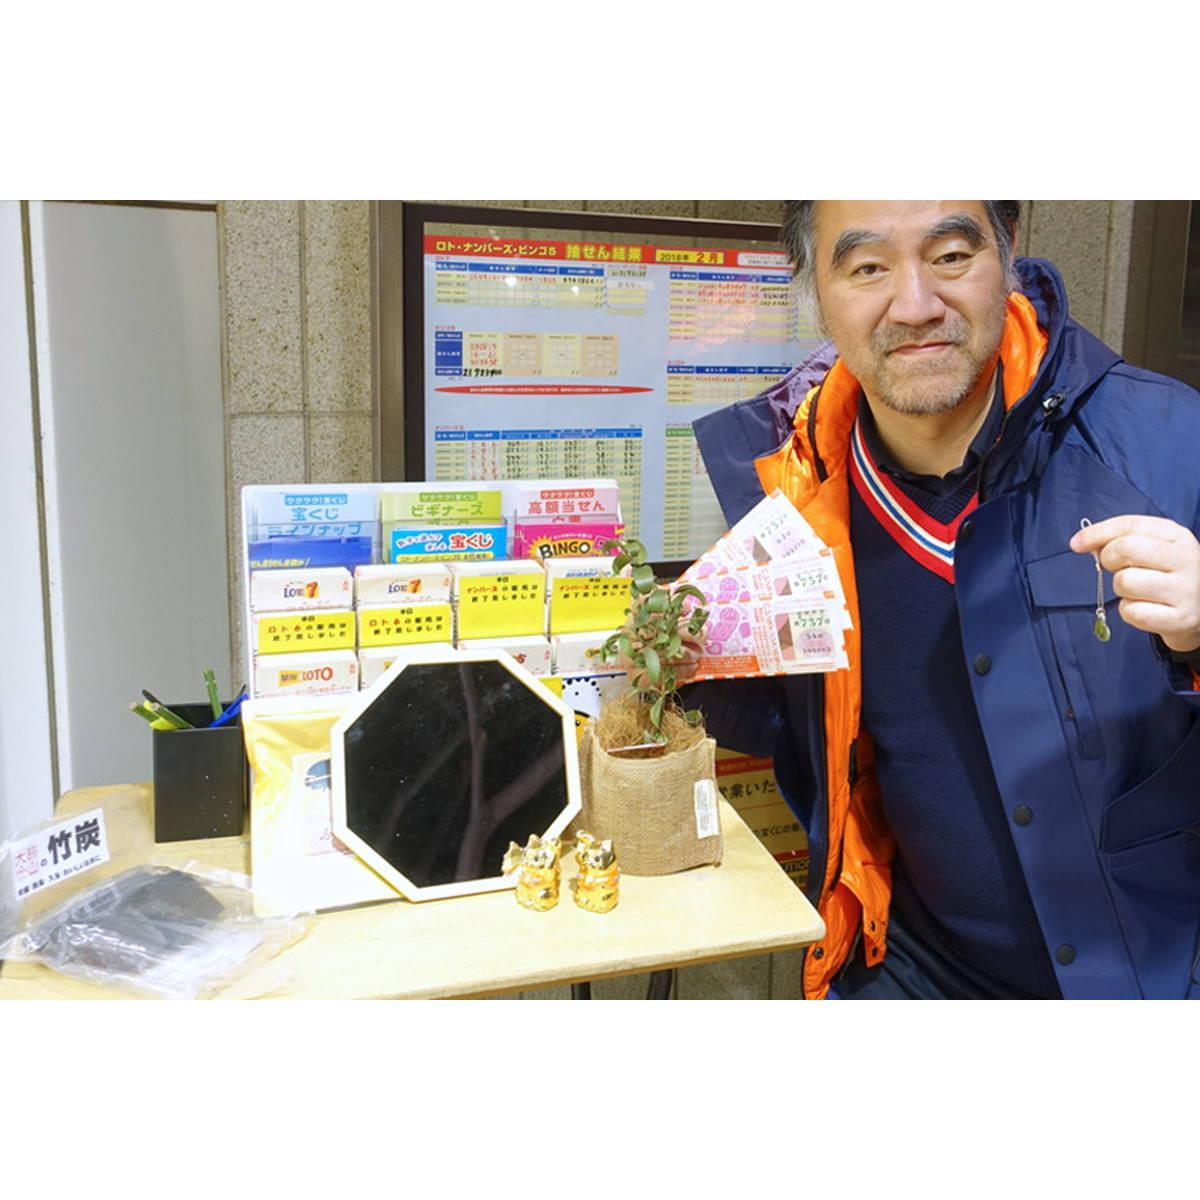 """来たれハッピー! 「開運グッズ」を9つ集めて""""宝くじ""""を買ってみた"""